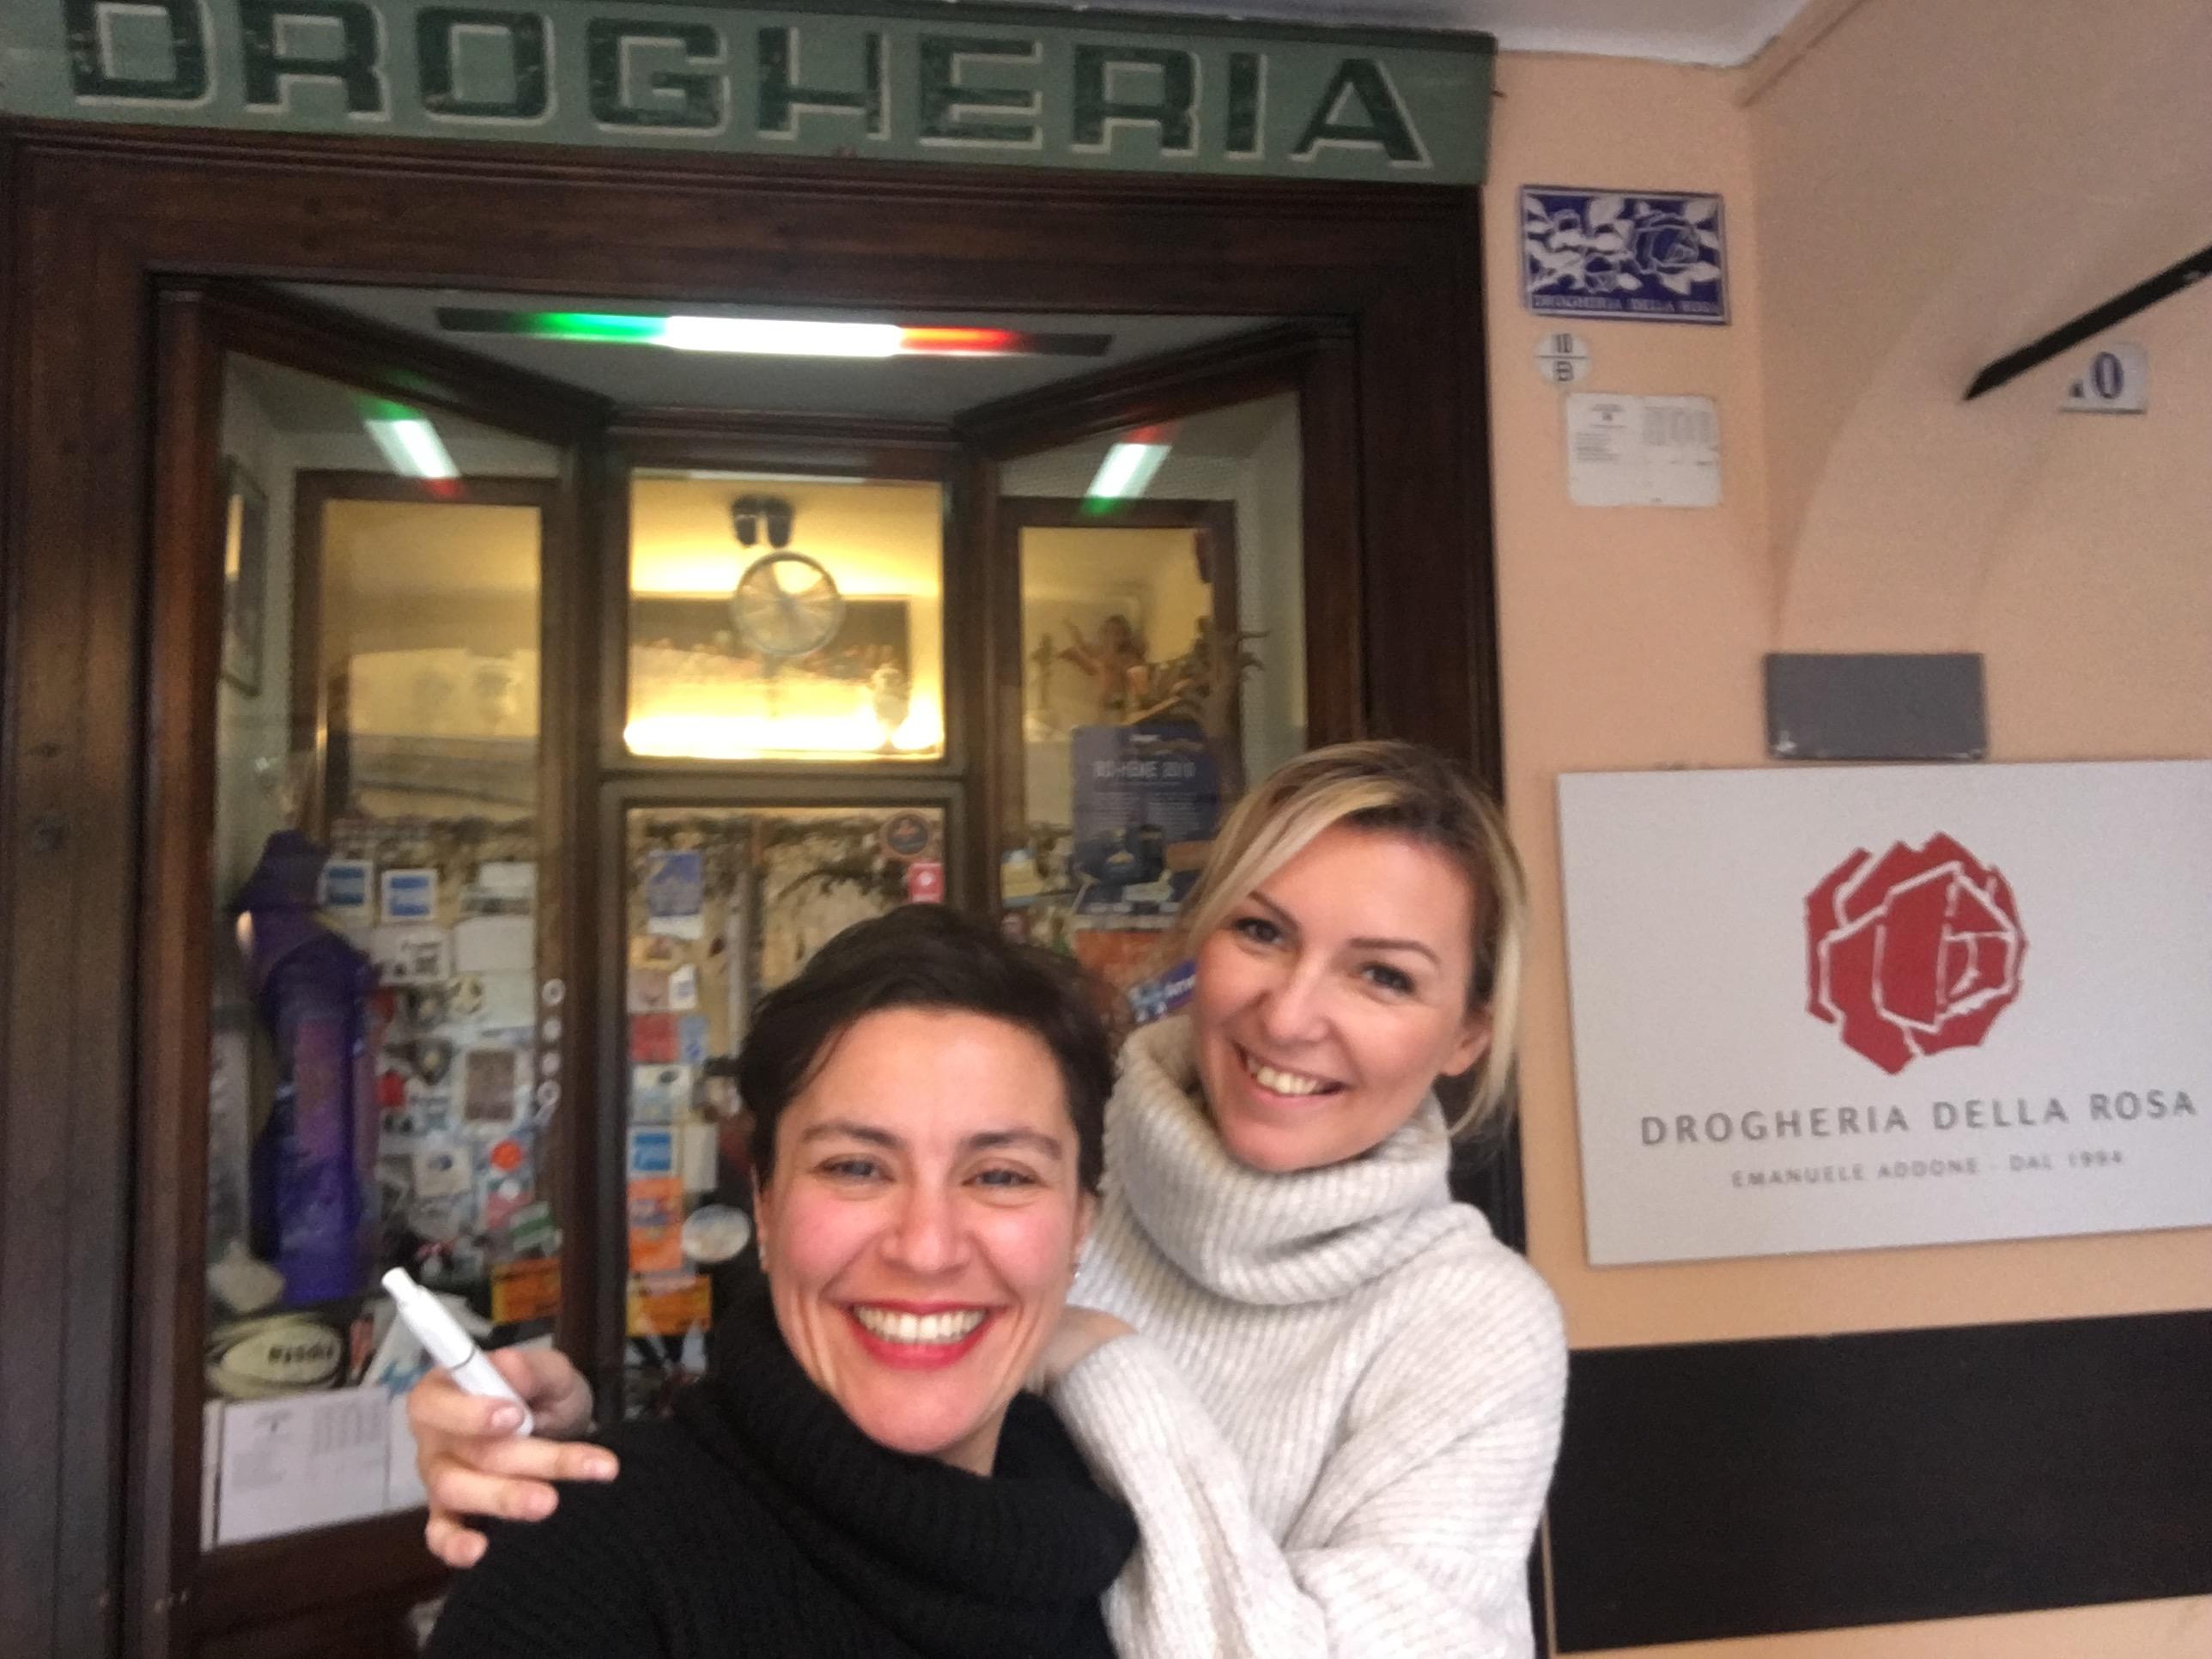 Drogheria della Rosa Bologna